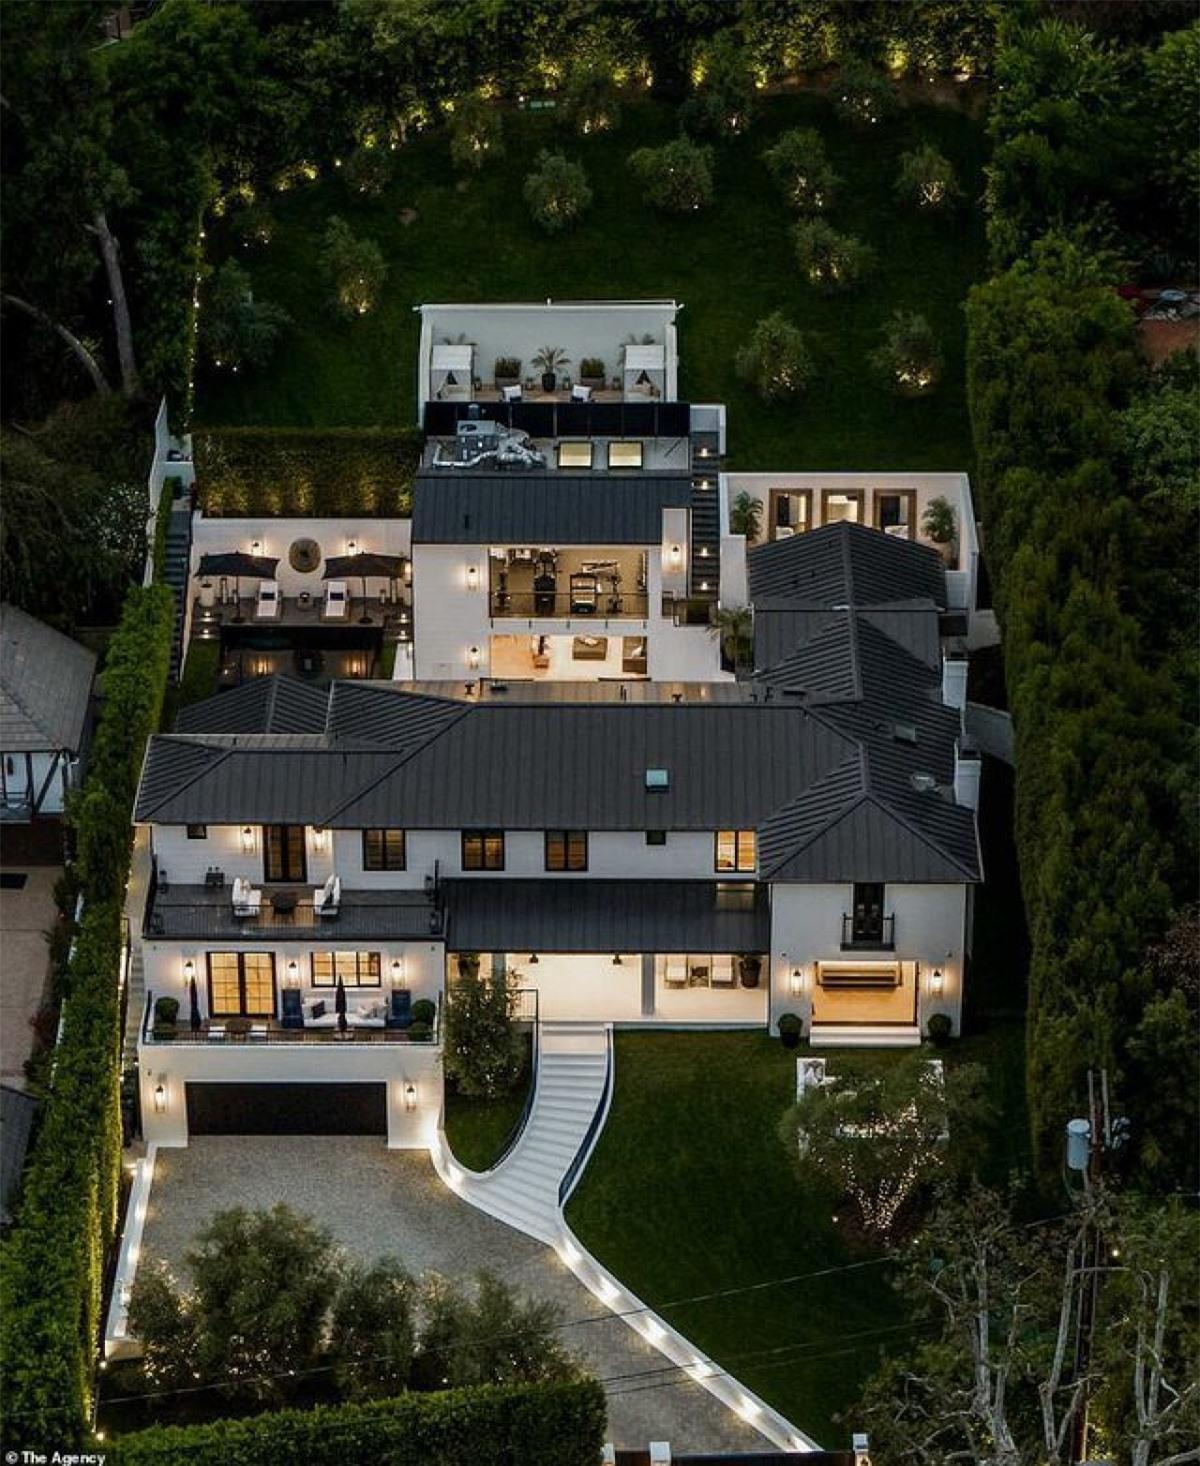 Mới đây, truyền thông quốc tế đưa tin nữ ca sĩ Rihanna vừa tậu căn biệt thự trị giá 13,8 triệu USD (khoảng 318 tỷ đồng) ở Los Angeles, Mỹ.